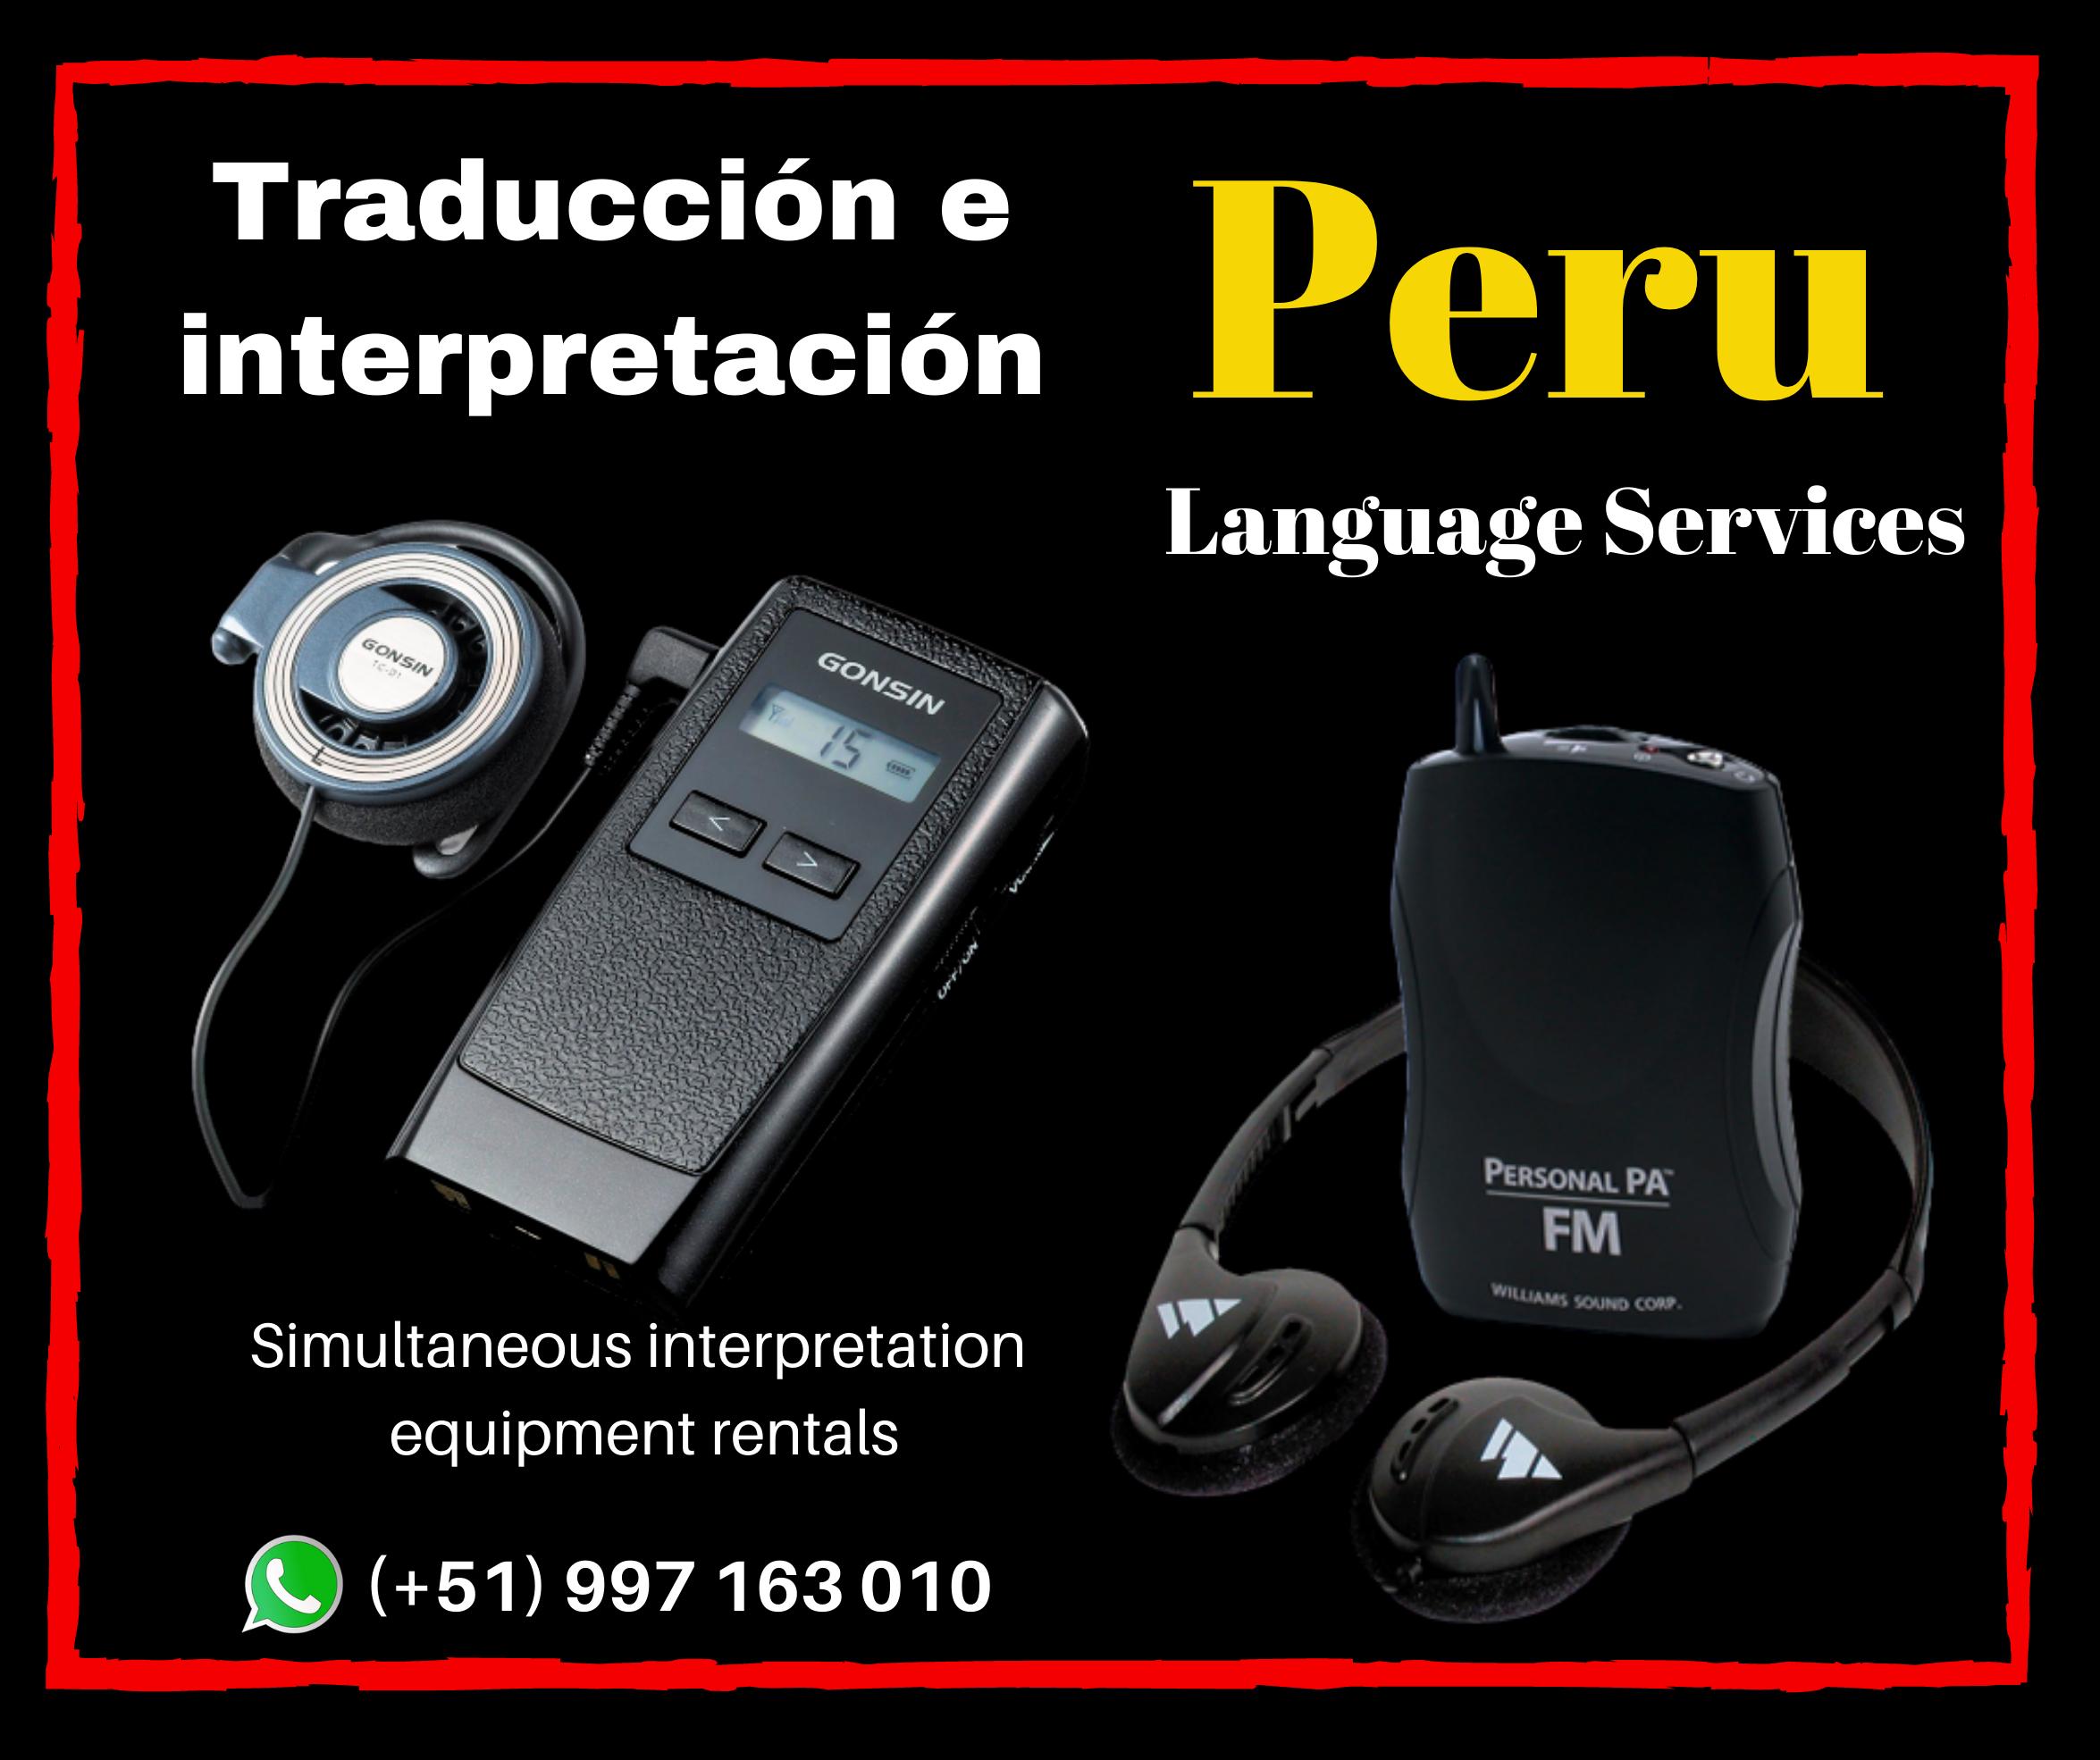 🥇Alquiler Traducción simultánea  LIma / Piura ✅ 997163010